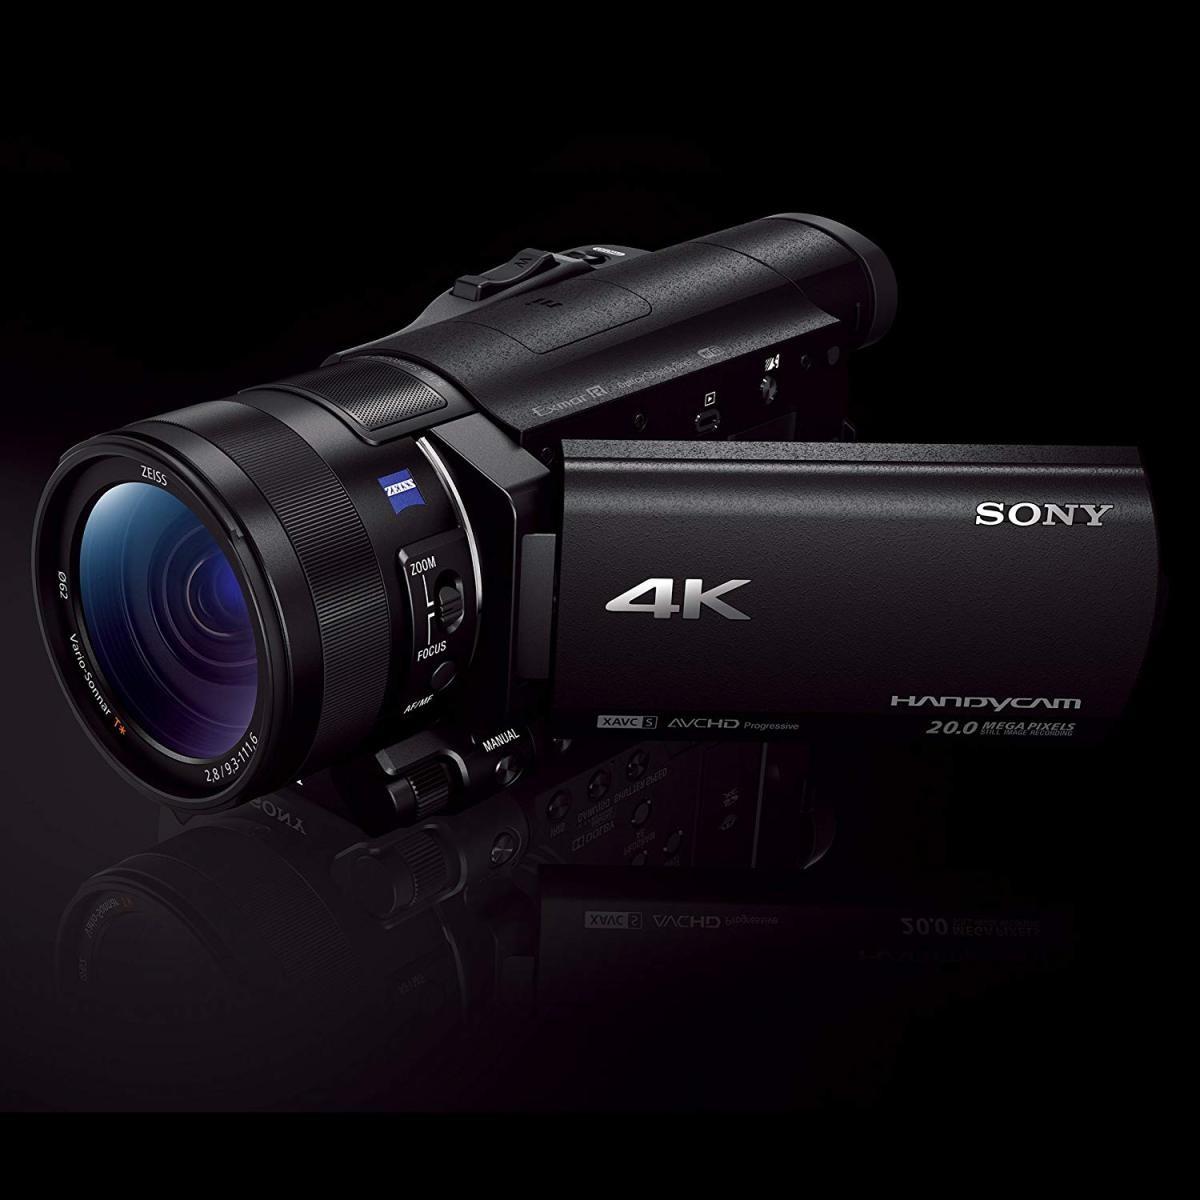 ソニー Handycam FDR-AX100 (ブラック)の商品画像 4